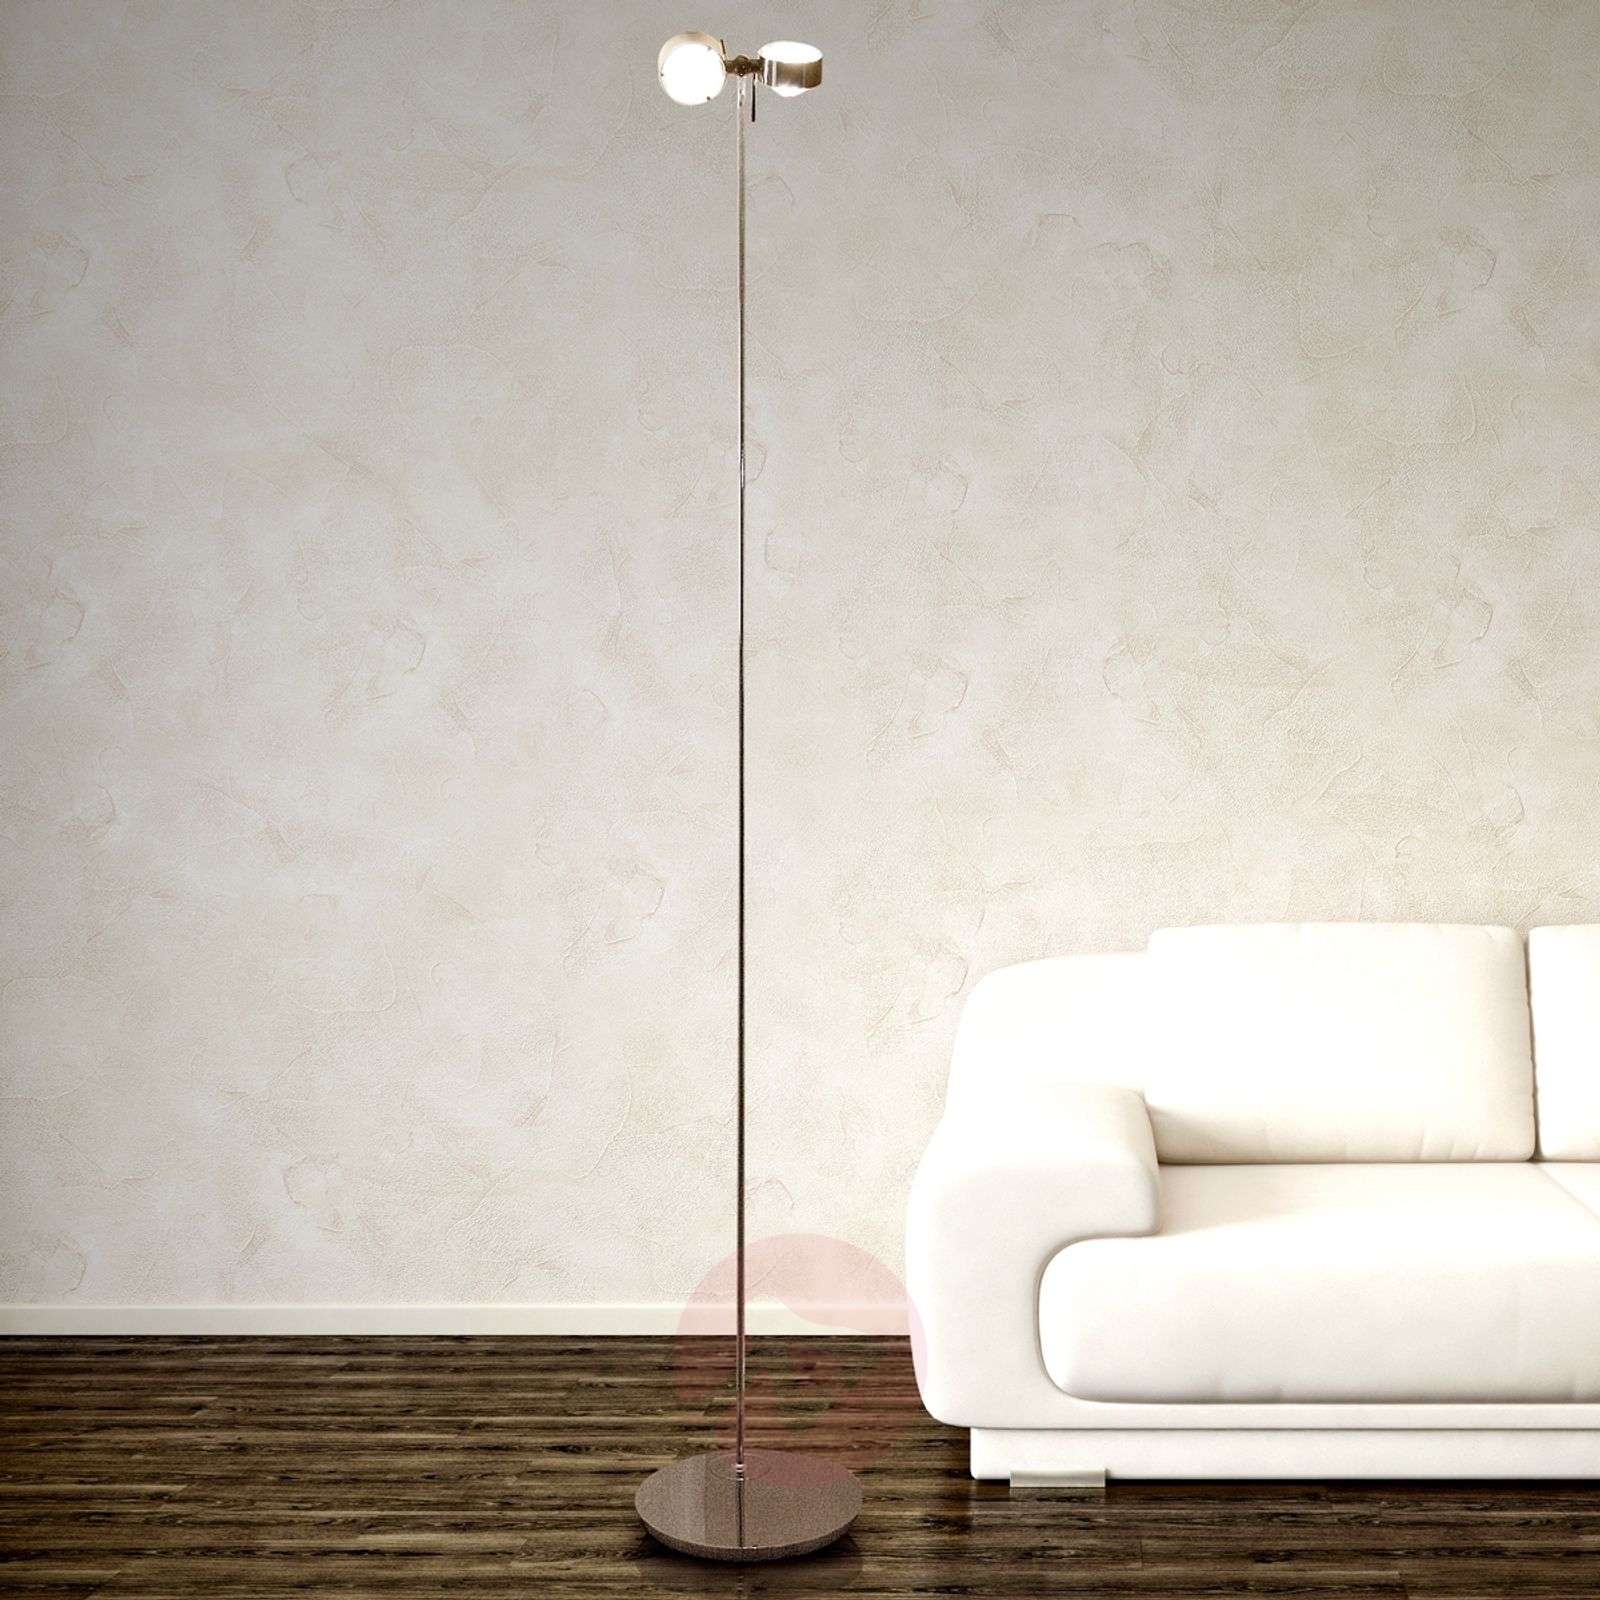 Flexible floor lamp PUK FLOOR, height 180cm-9020101X-01